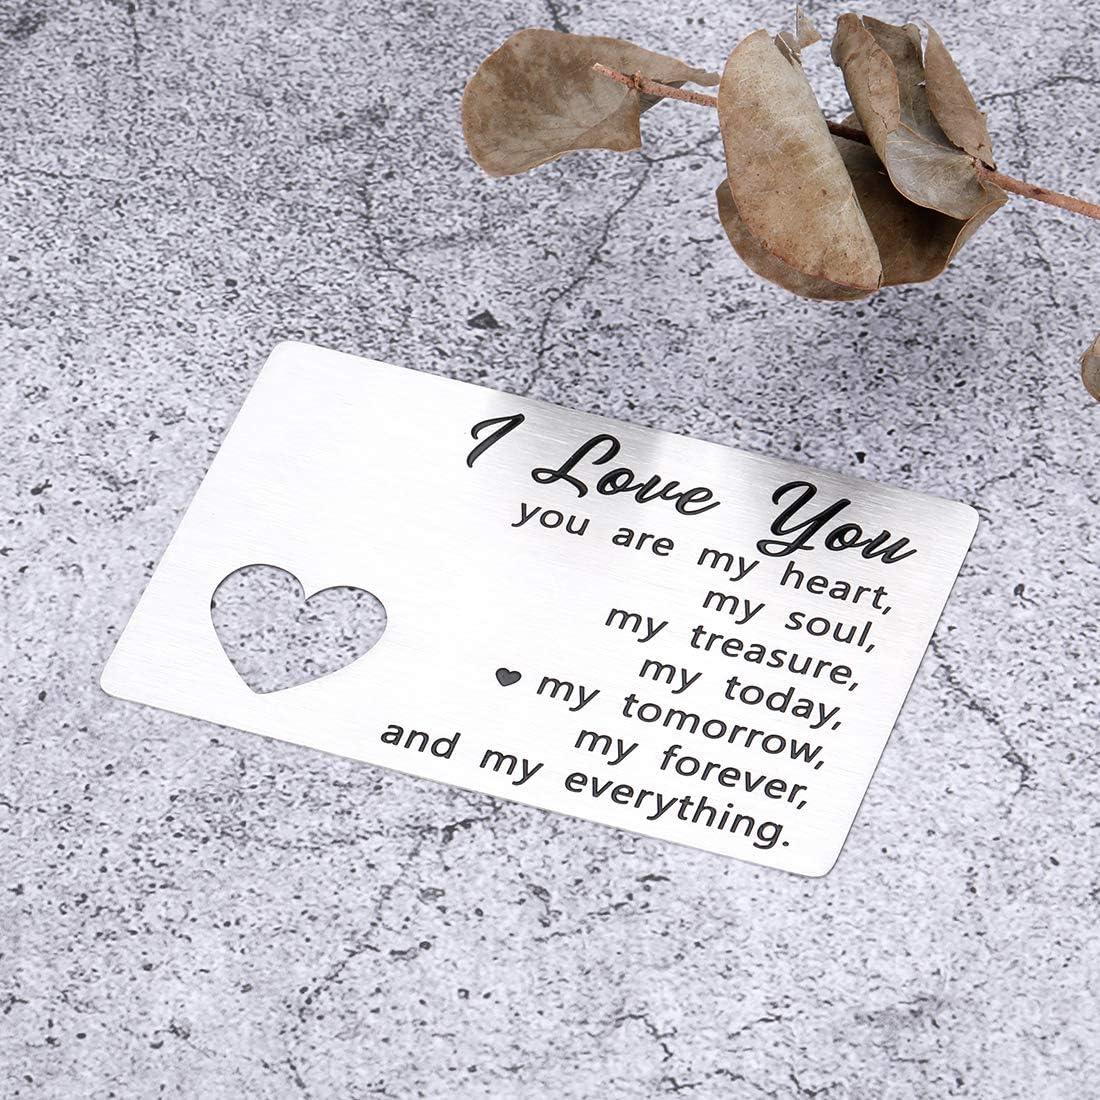 Wife to valentine note Valentine's Day